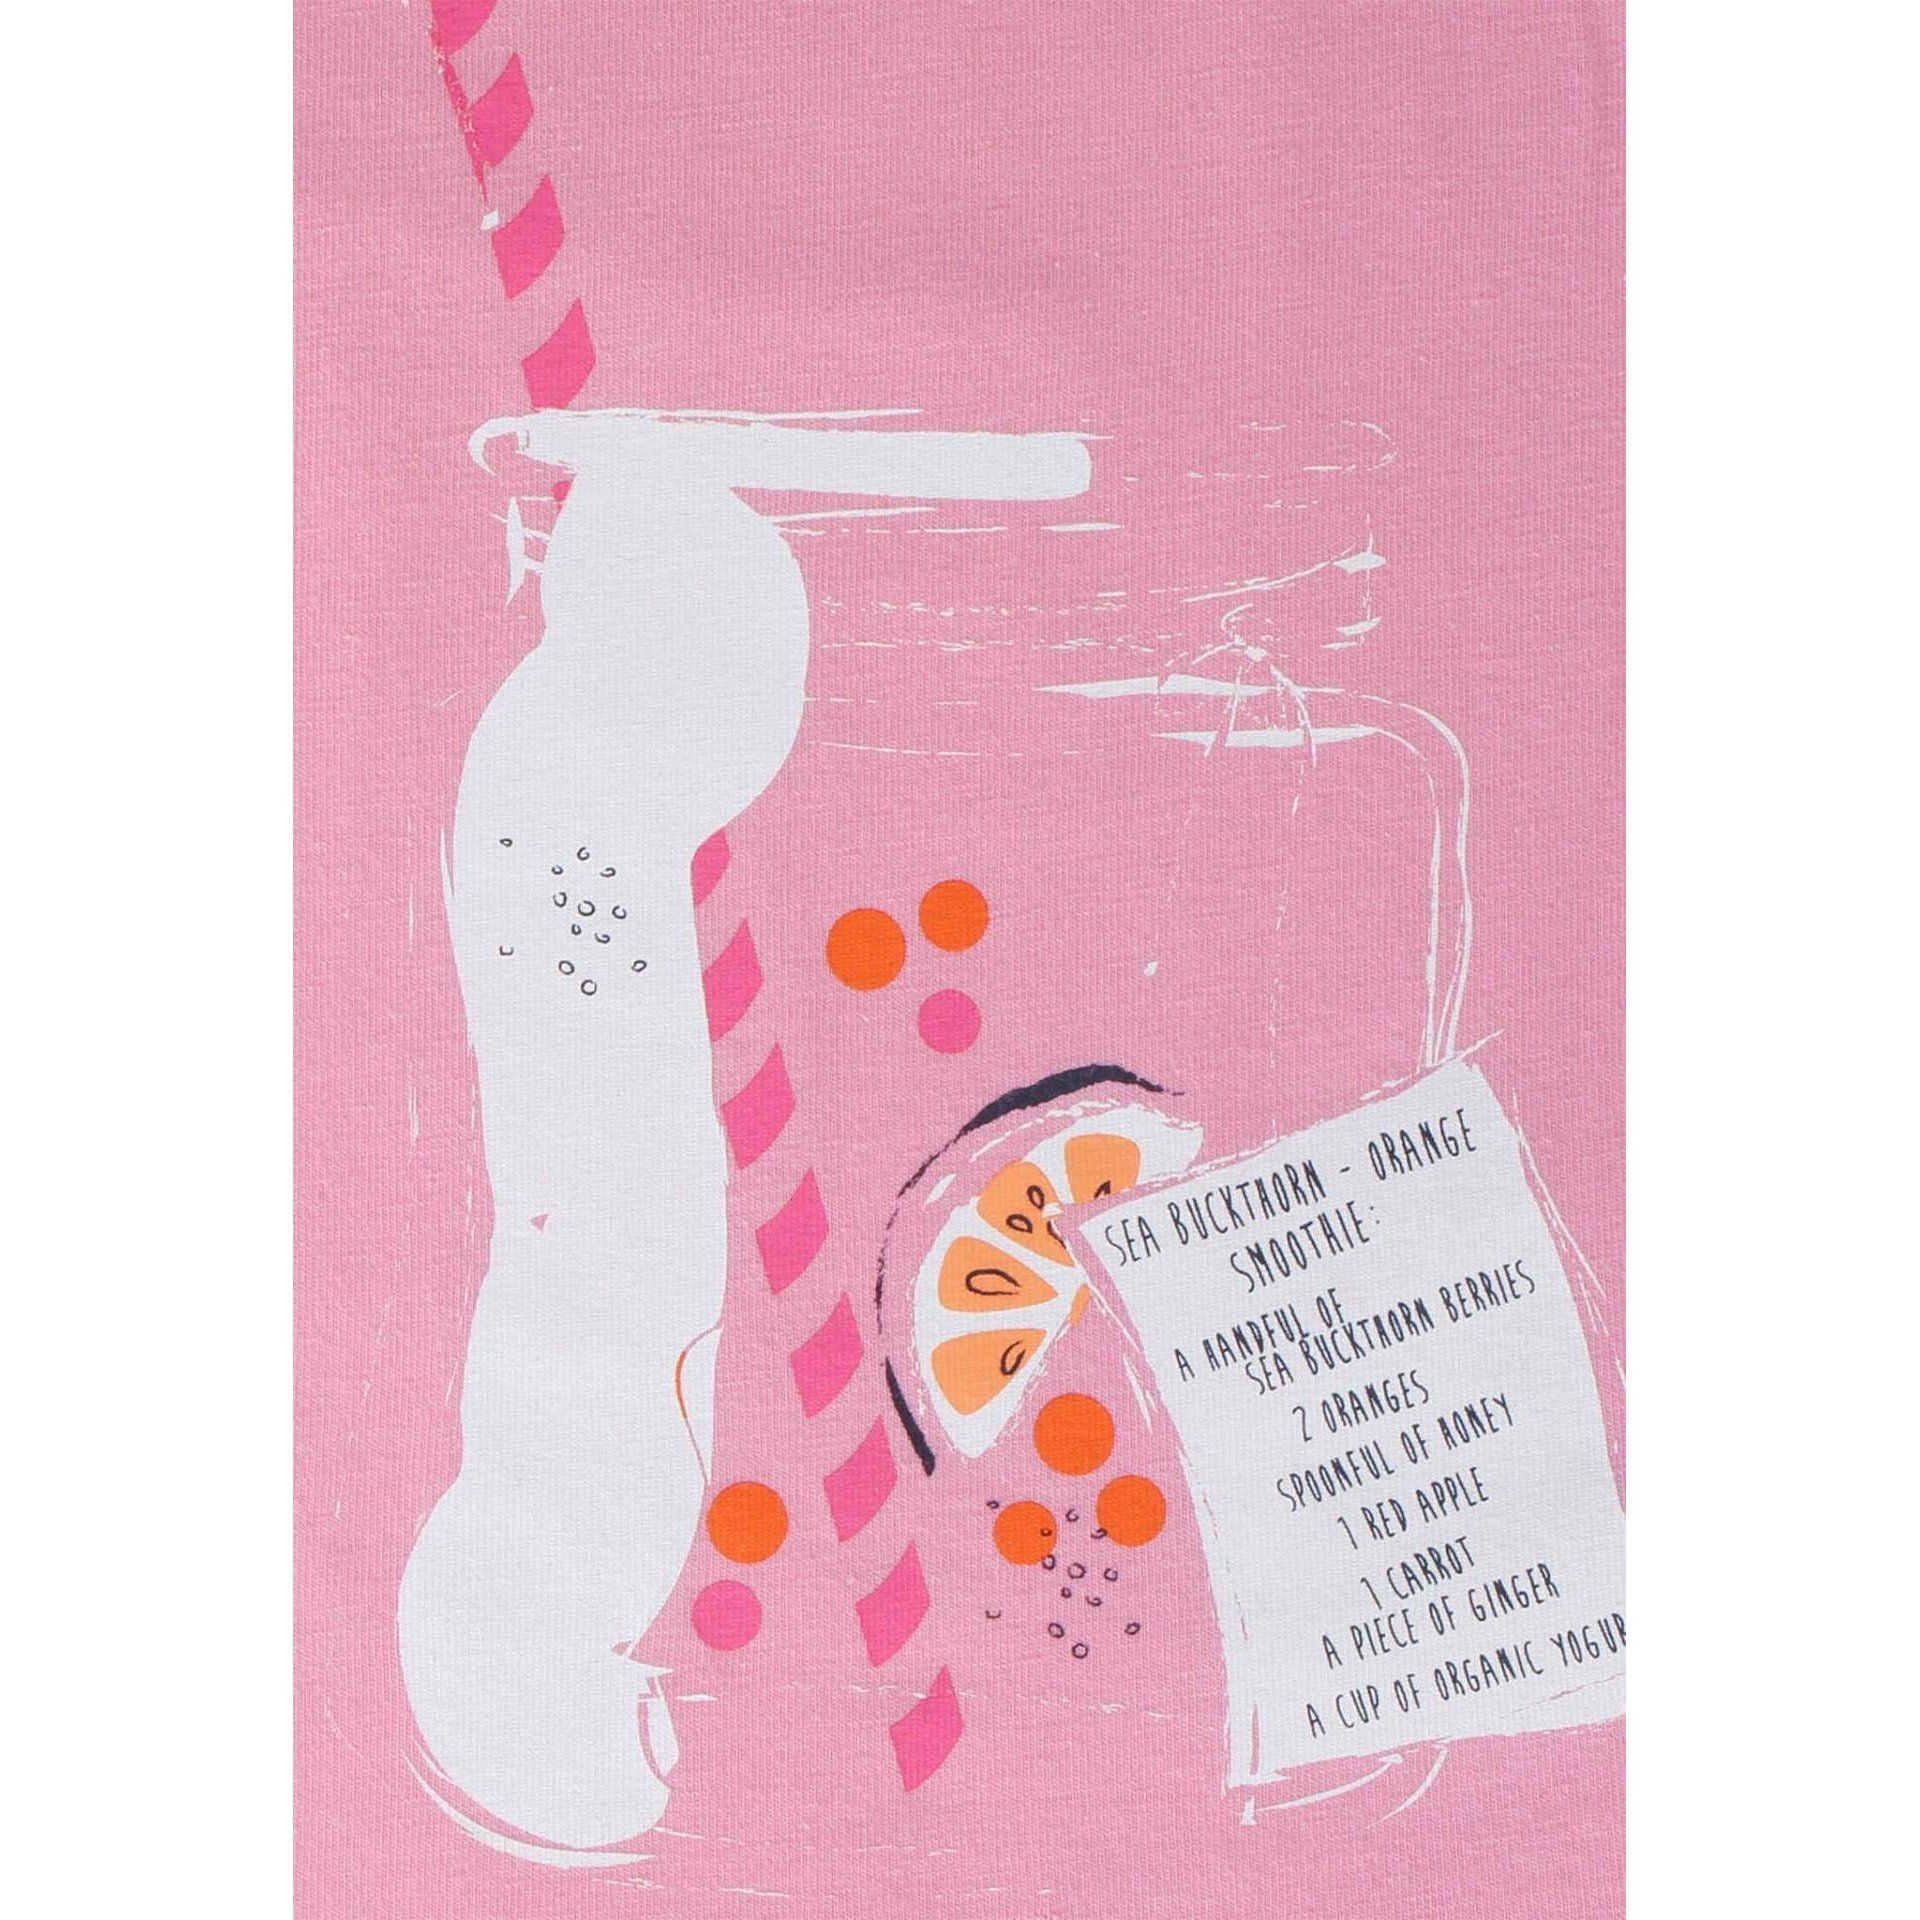 T-SHIRT REIMA WAVEFRONT 526388-4570 ROSE PINK GRAFIKA